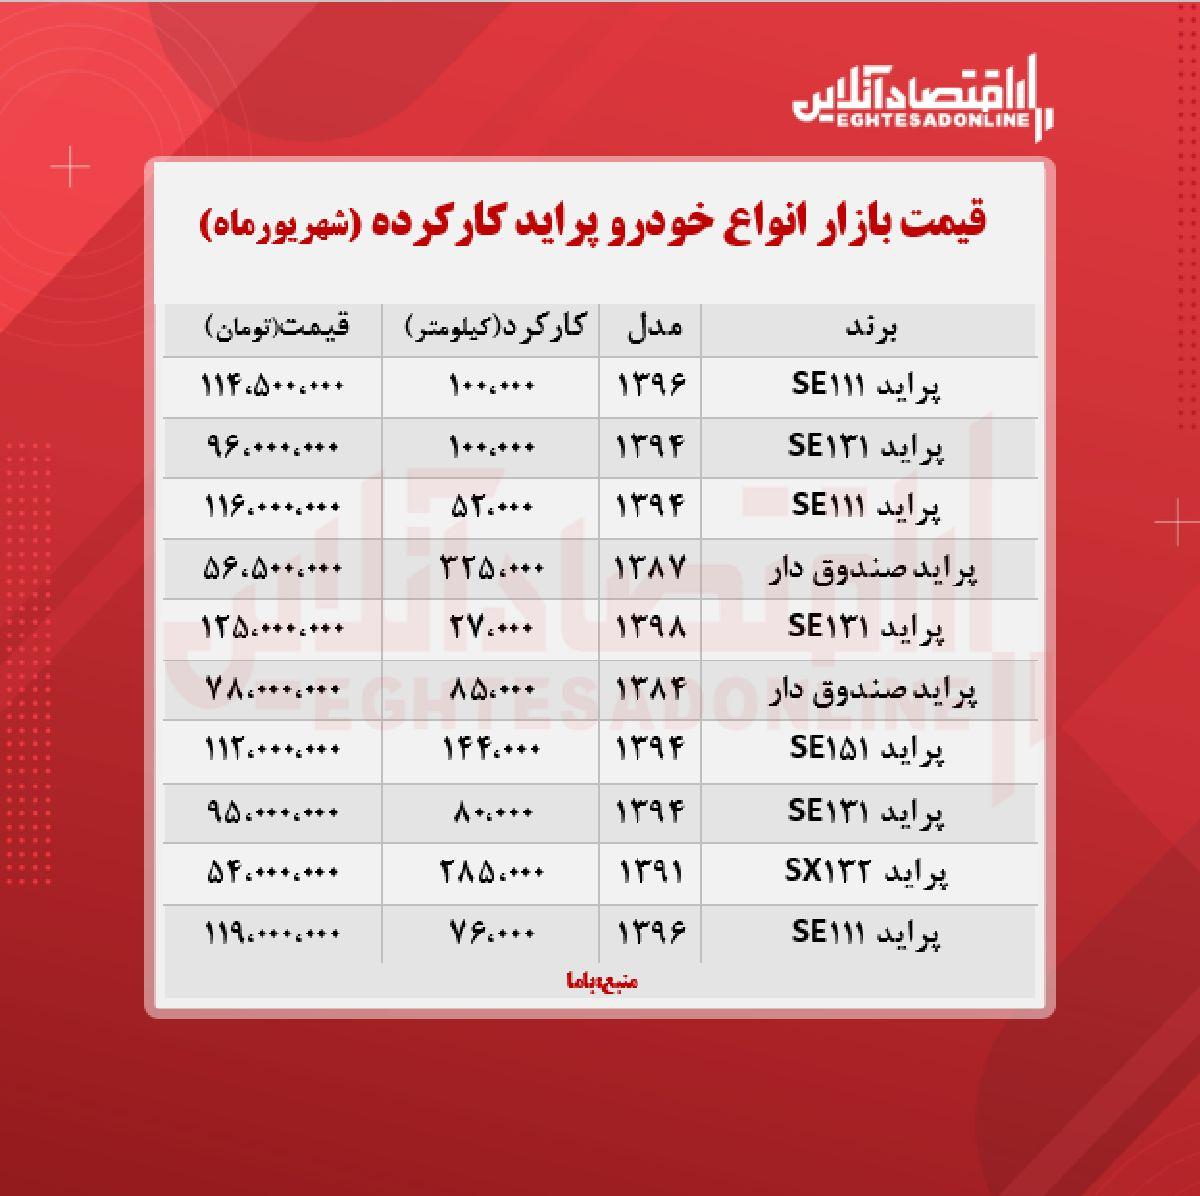 قیمت پراید کارکرده امروز ۱۴۰۰/۶/۲۴